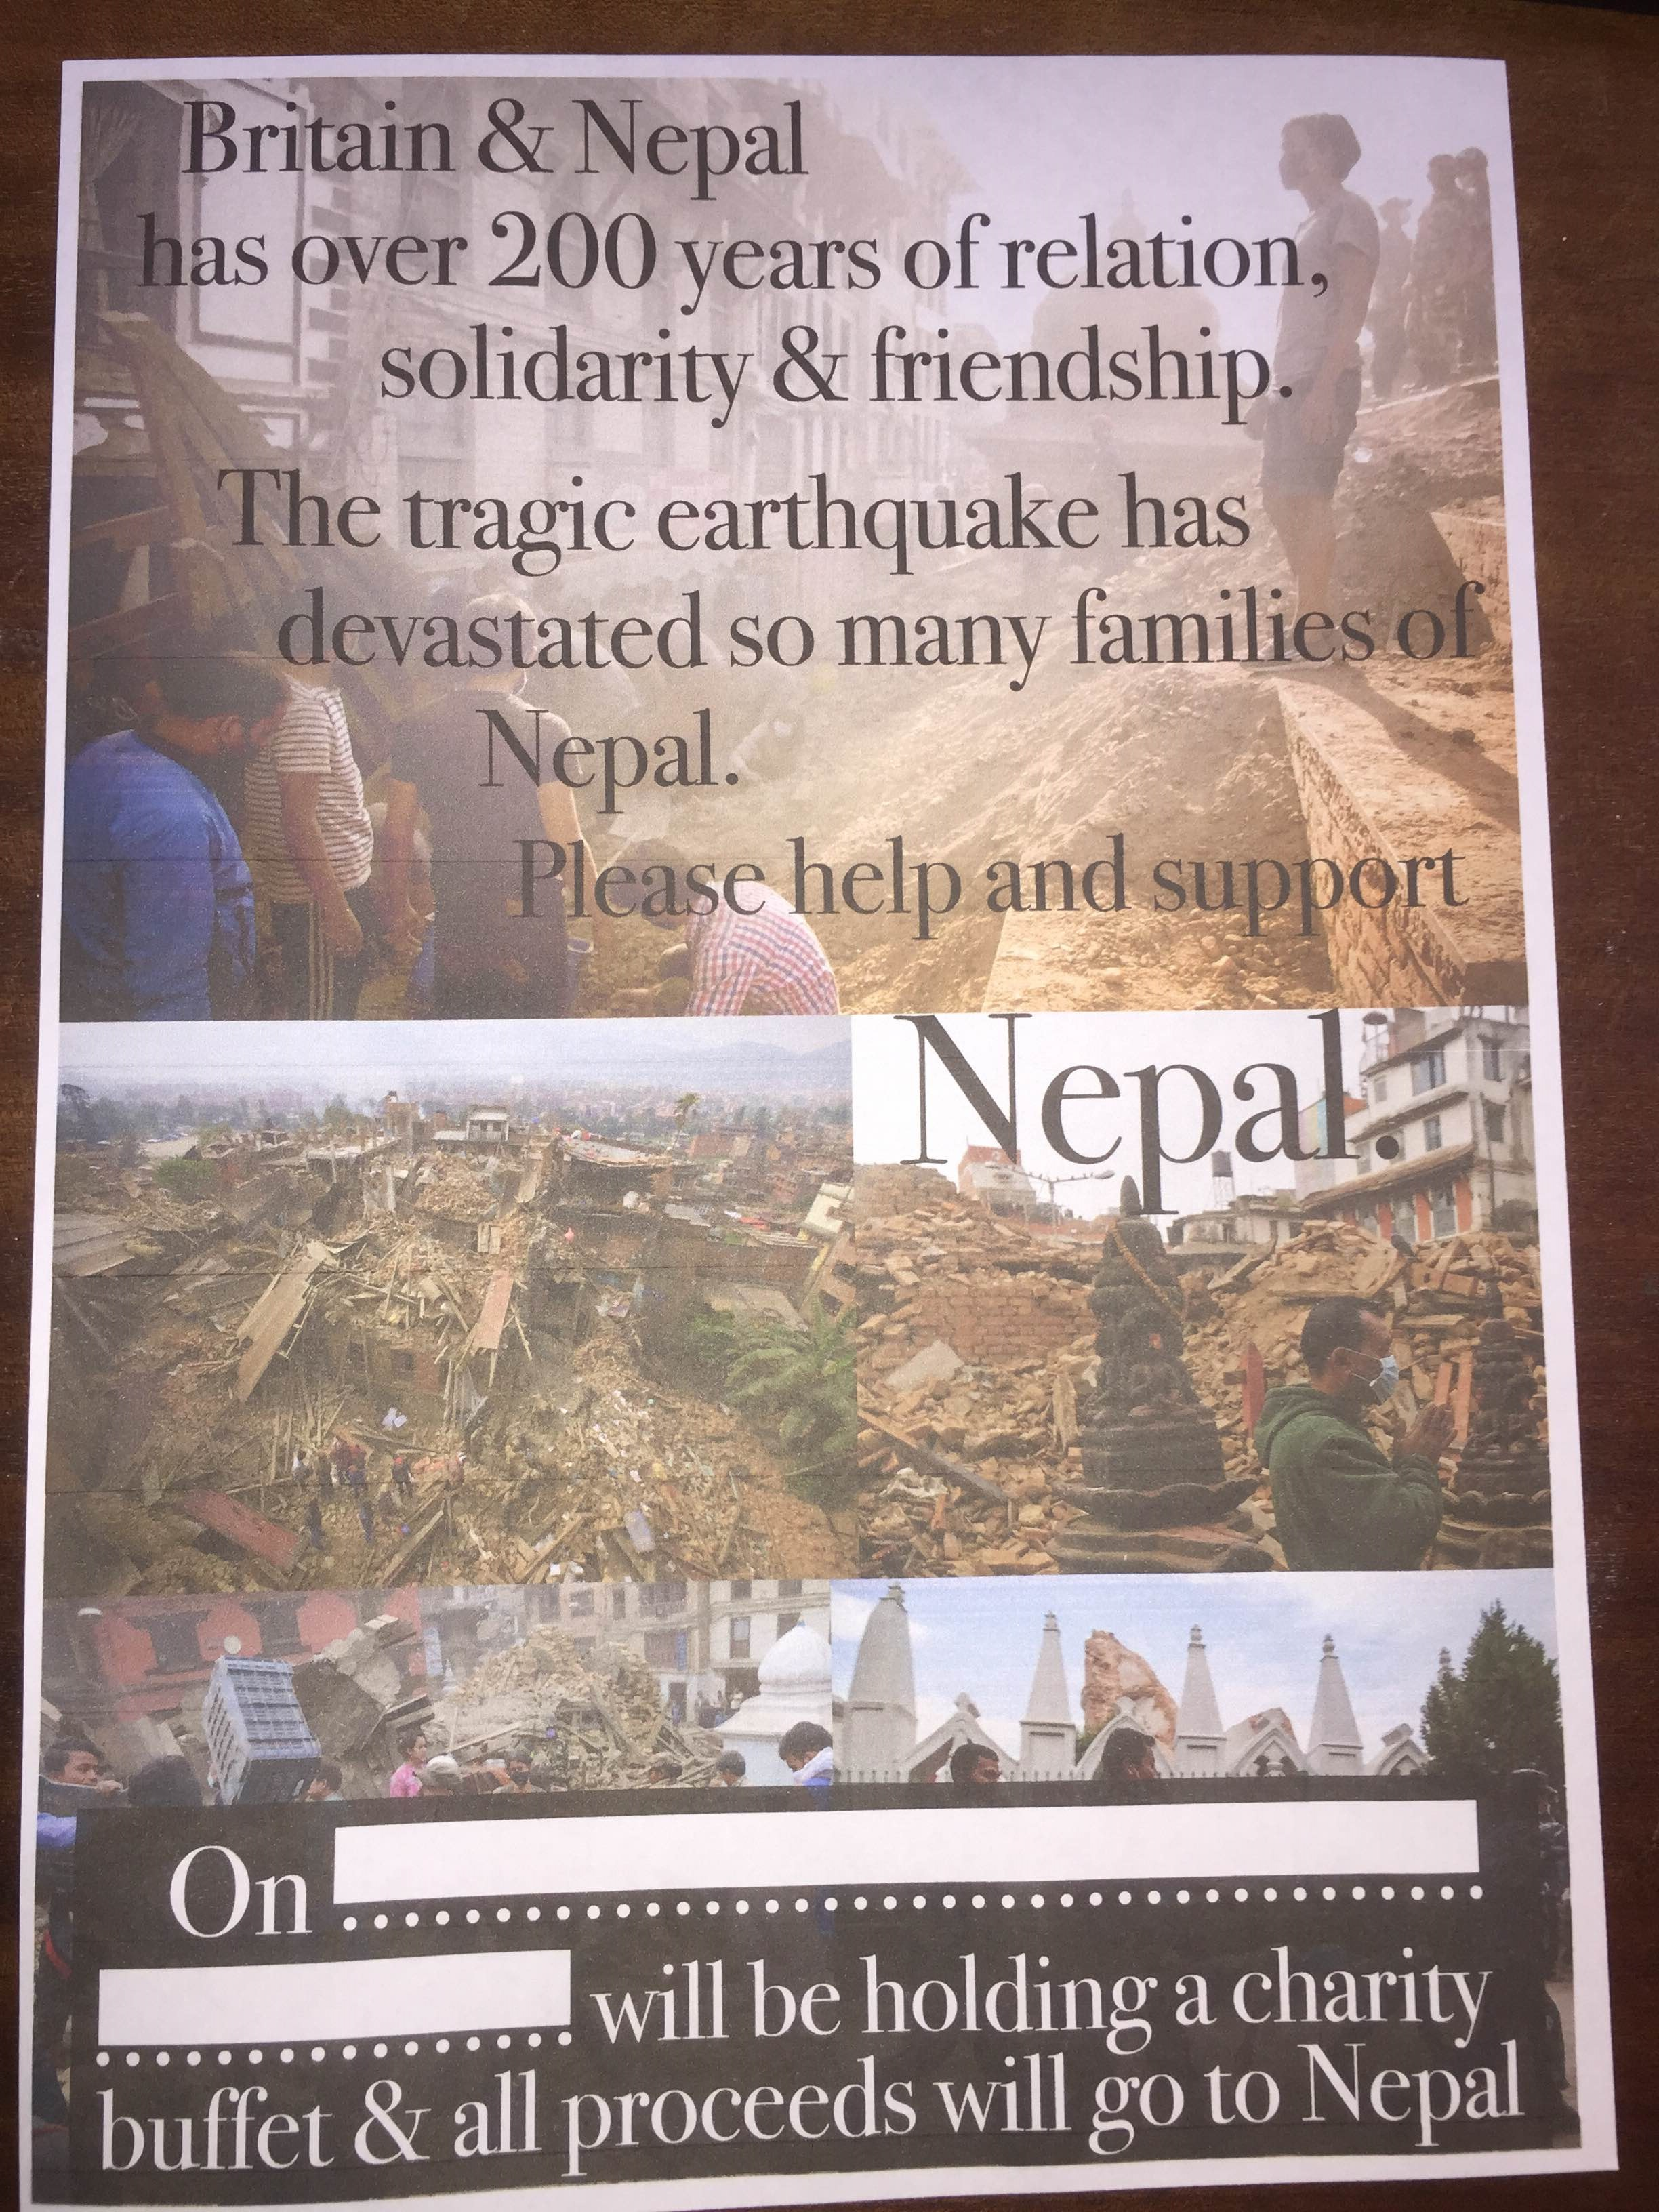 बेलायतका नेपाली रेष्टुरेन्टहरुले एकदिनको कमाइ भुकम्प पीडितलाई दिने